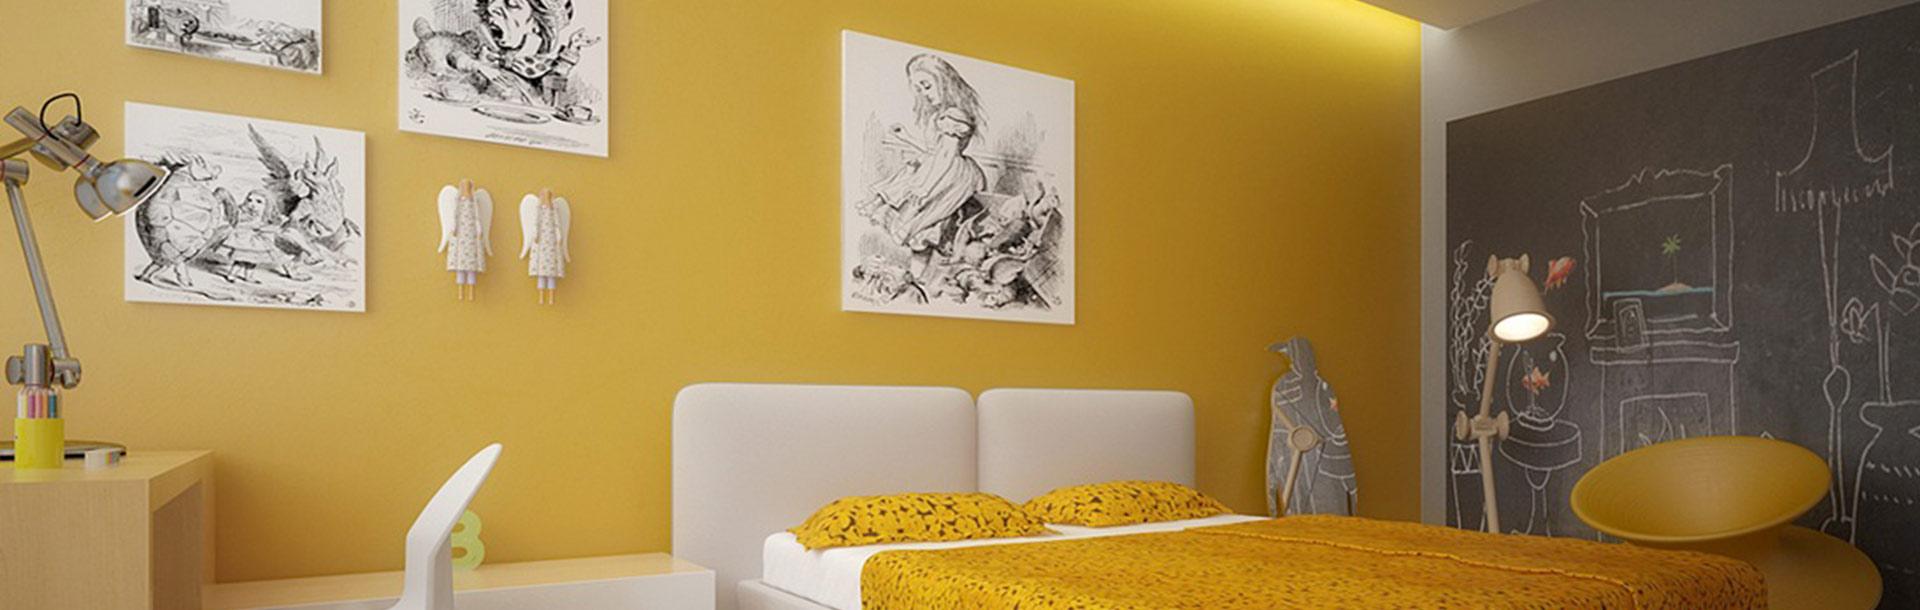 yellow room - ویژگی های رنگ در طراحی داخلی و اثرات روانی و فیزیولوژیکی آنها